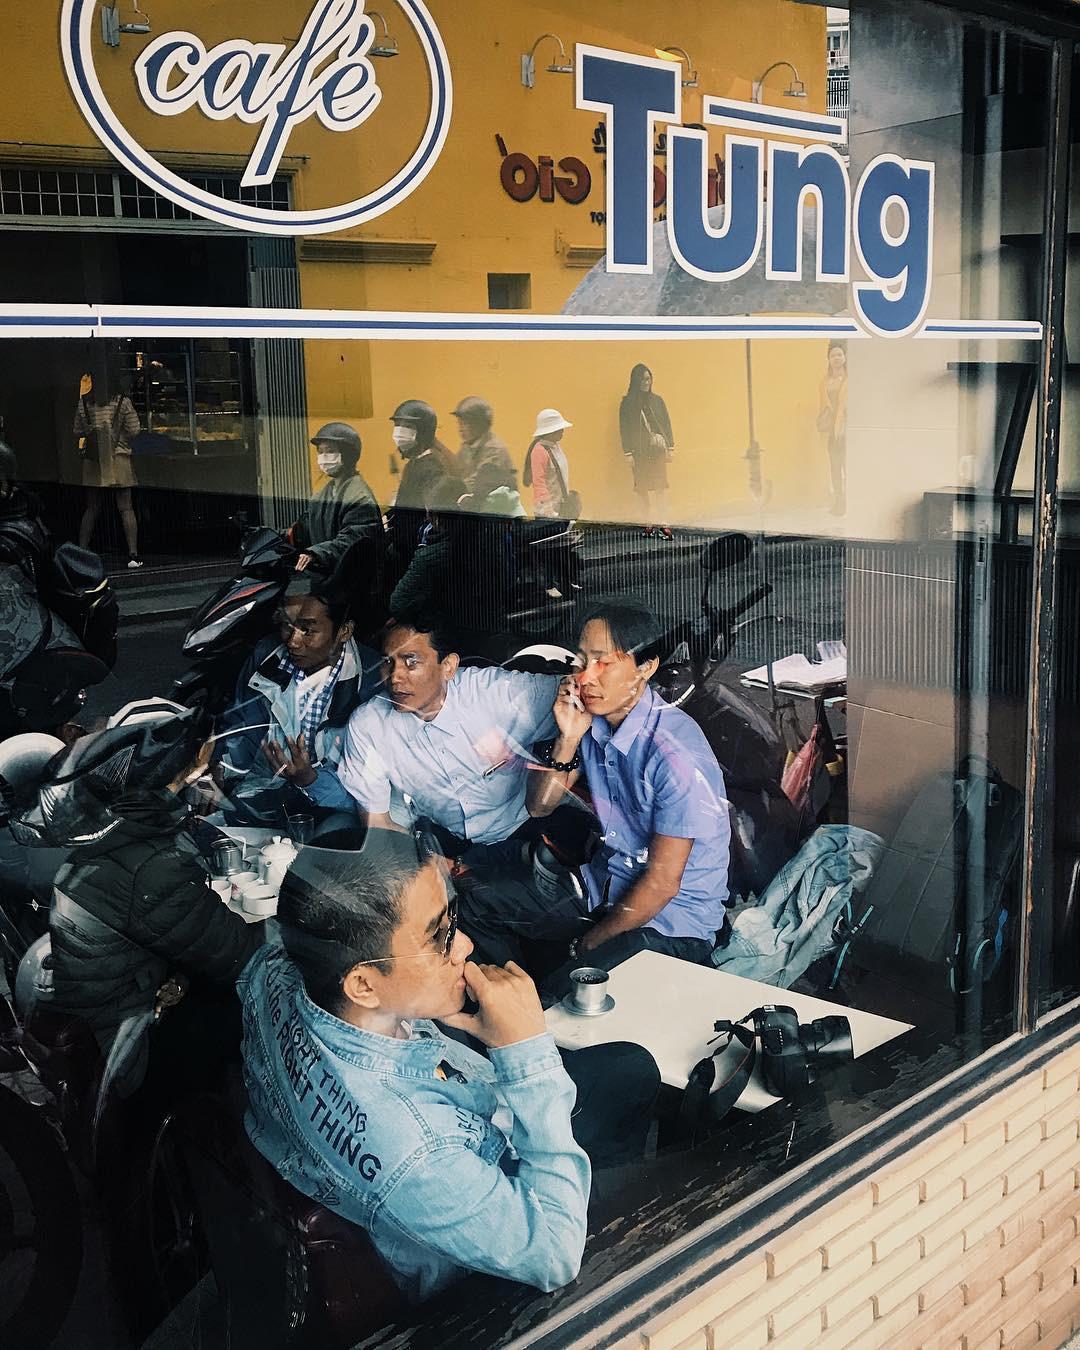 Cafe Tùng và những miền ký ức chưa kể về một hồn thơ Đà Lạt rất riêng, rất cũ giữa thời hiện đại! - Ảnh 8.